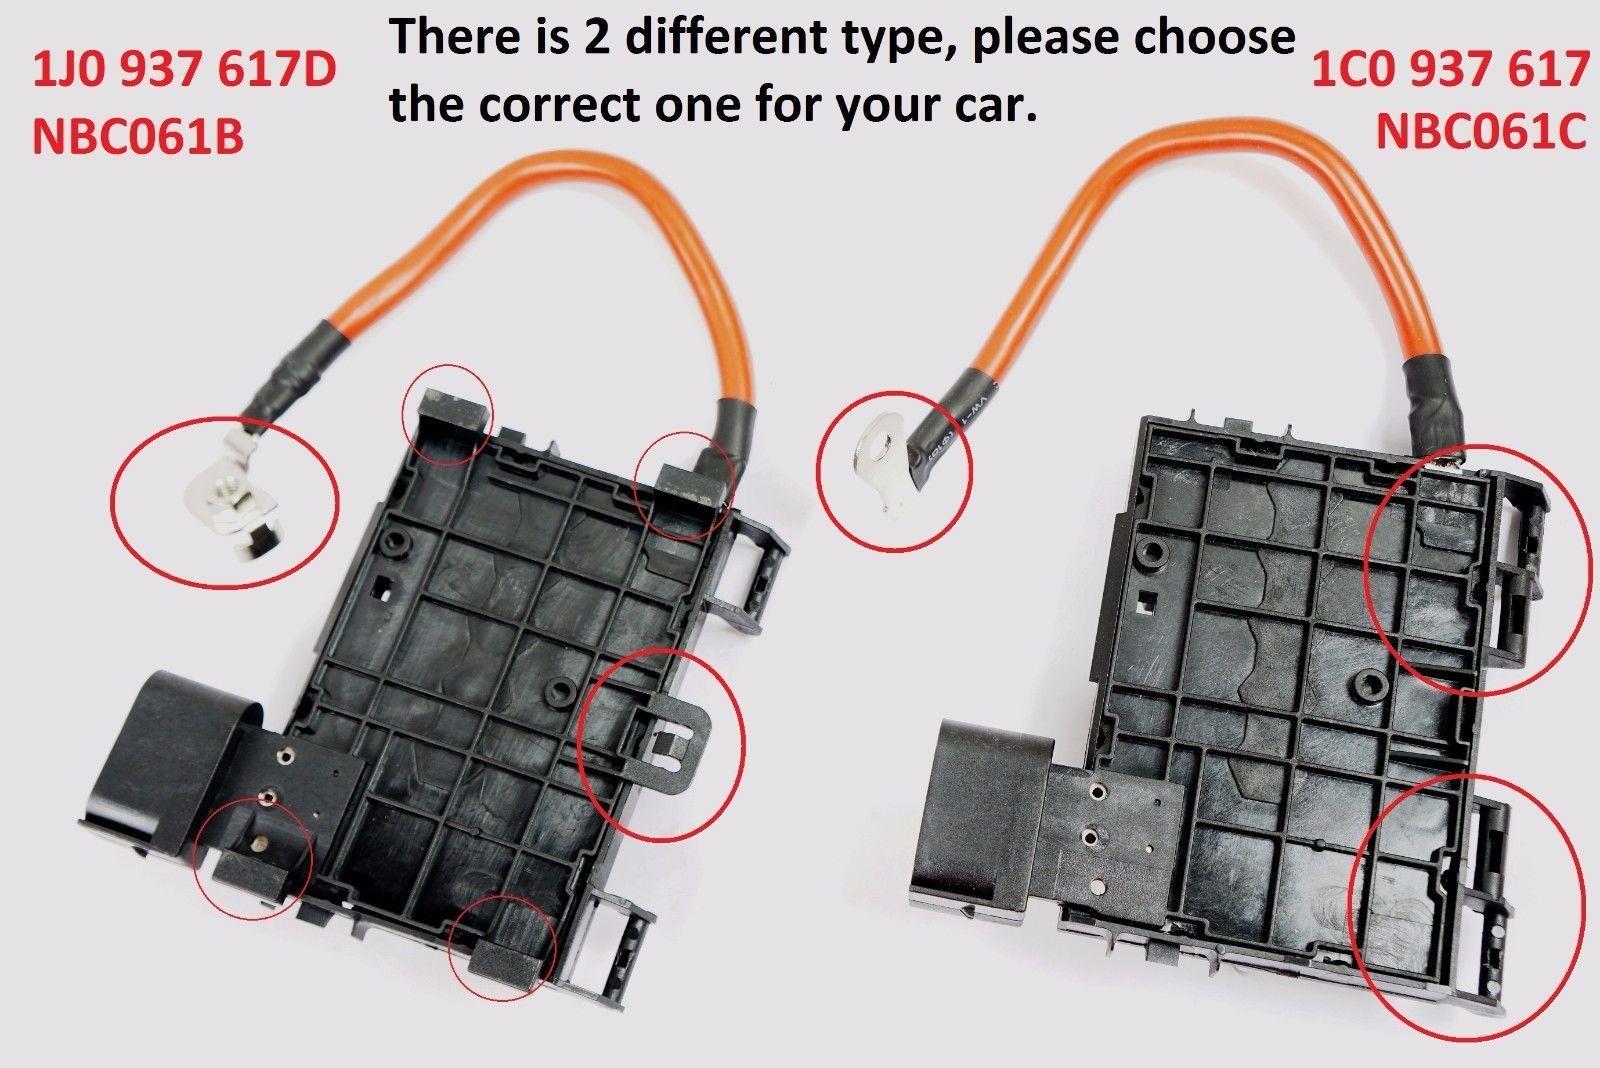 Nomorebreaking Fuse Box For Vw Jetta Golf Beetle 18l 20l 2000 Card 1j0937617d Nbc061b